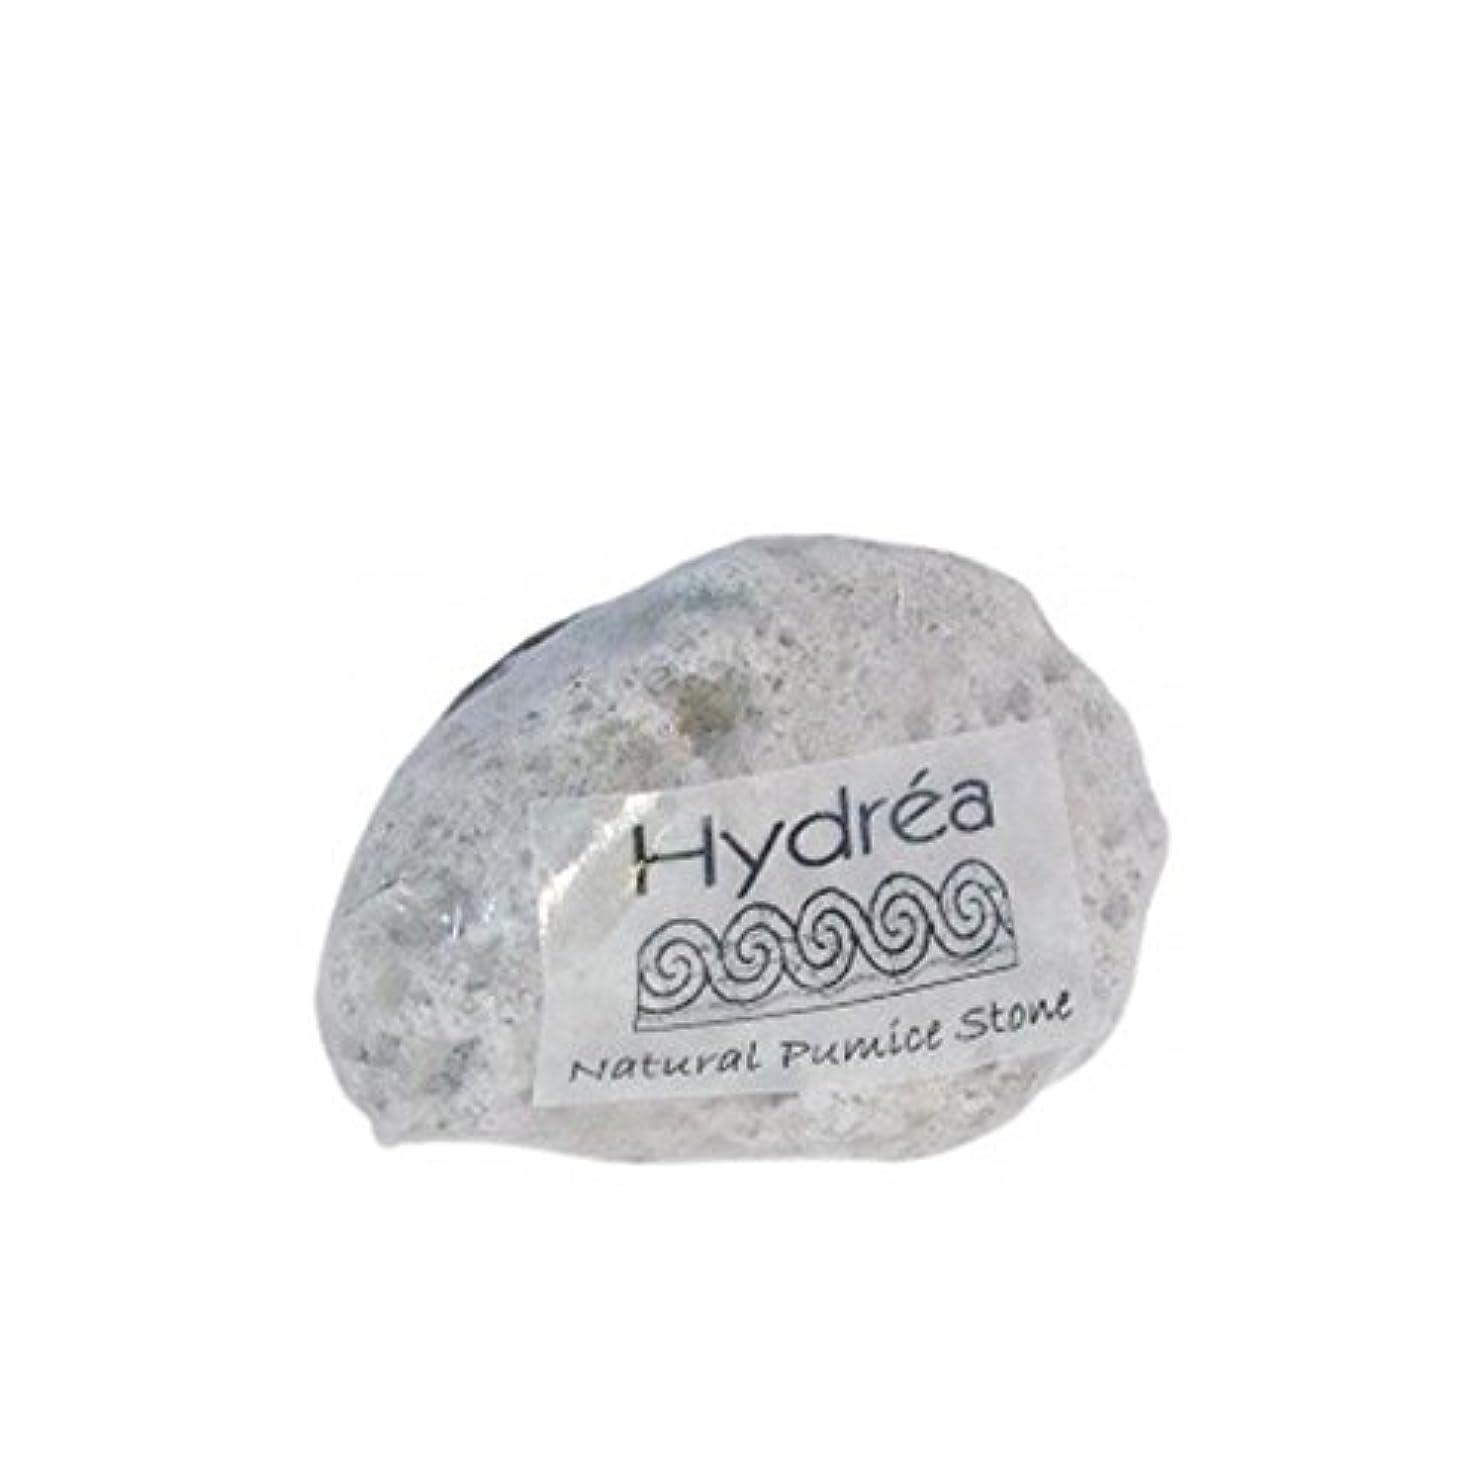 ギャロップ雇用者ヒギンズHydrea London - Natural Pumice Stone - ハイドレアロンドン - 自然軽石 [並行輸入品]